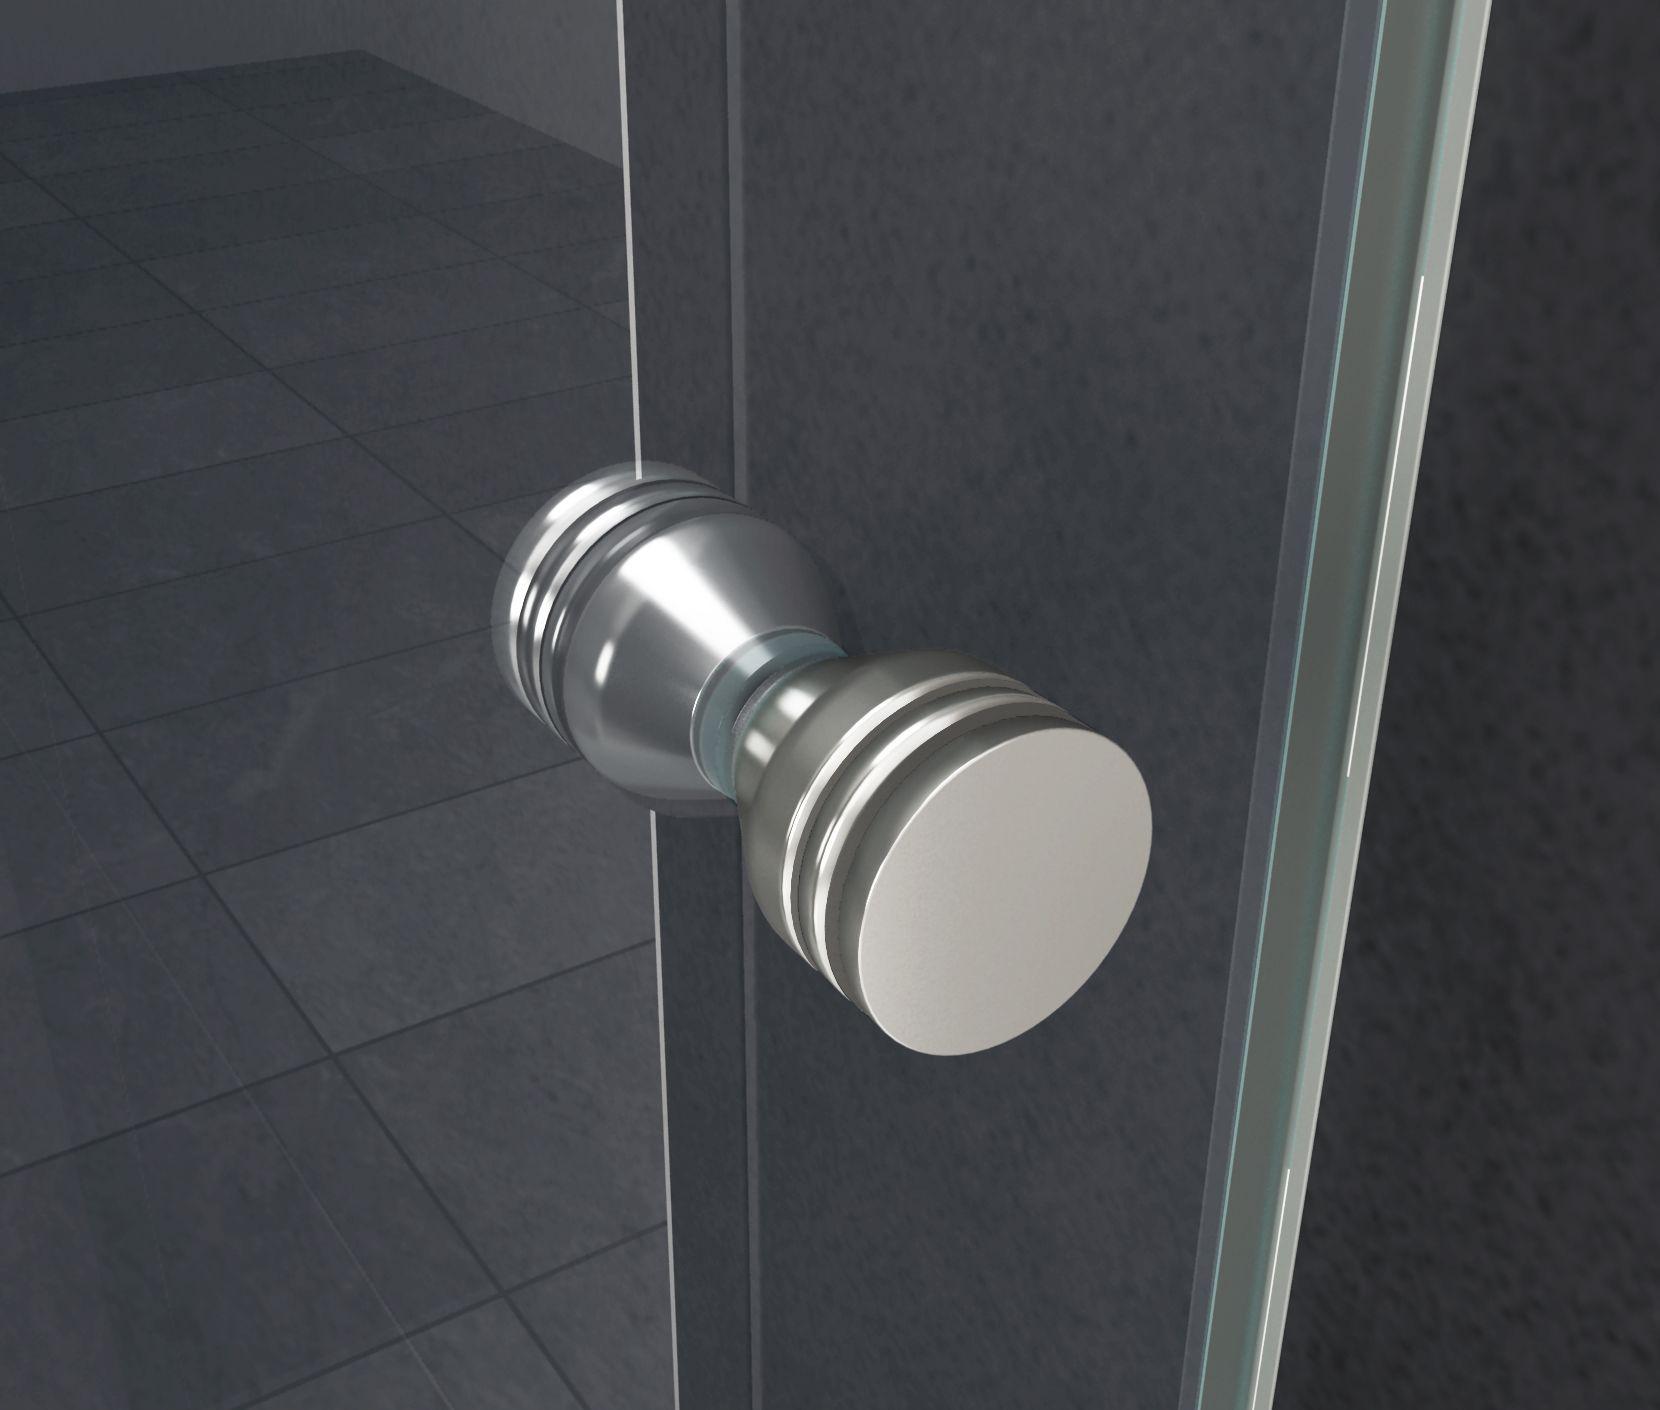 Türknauf für Duschen (rund)